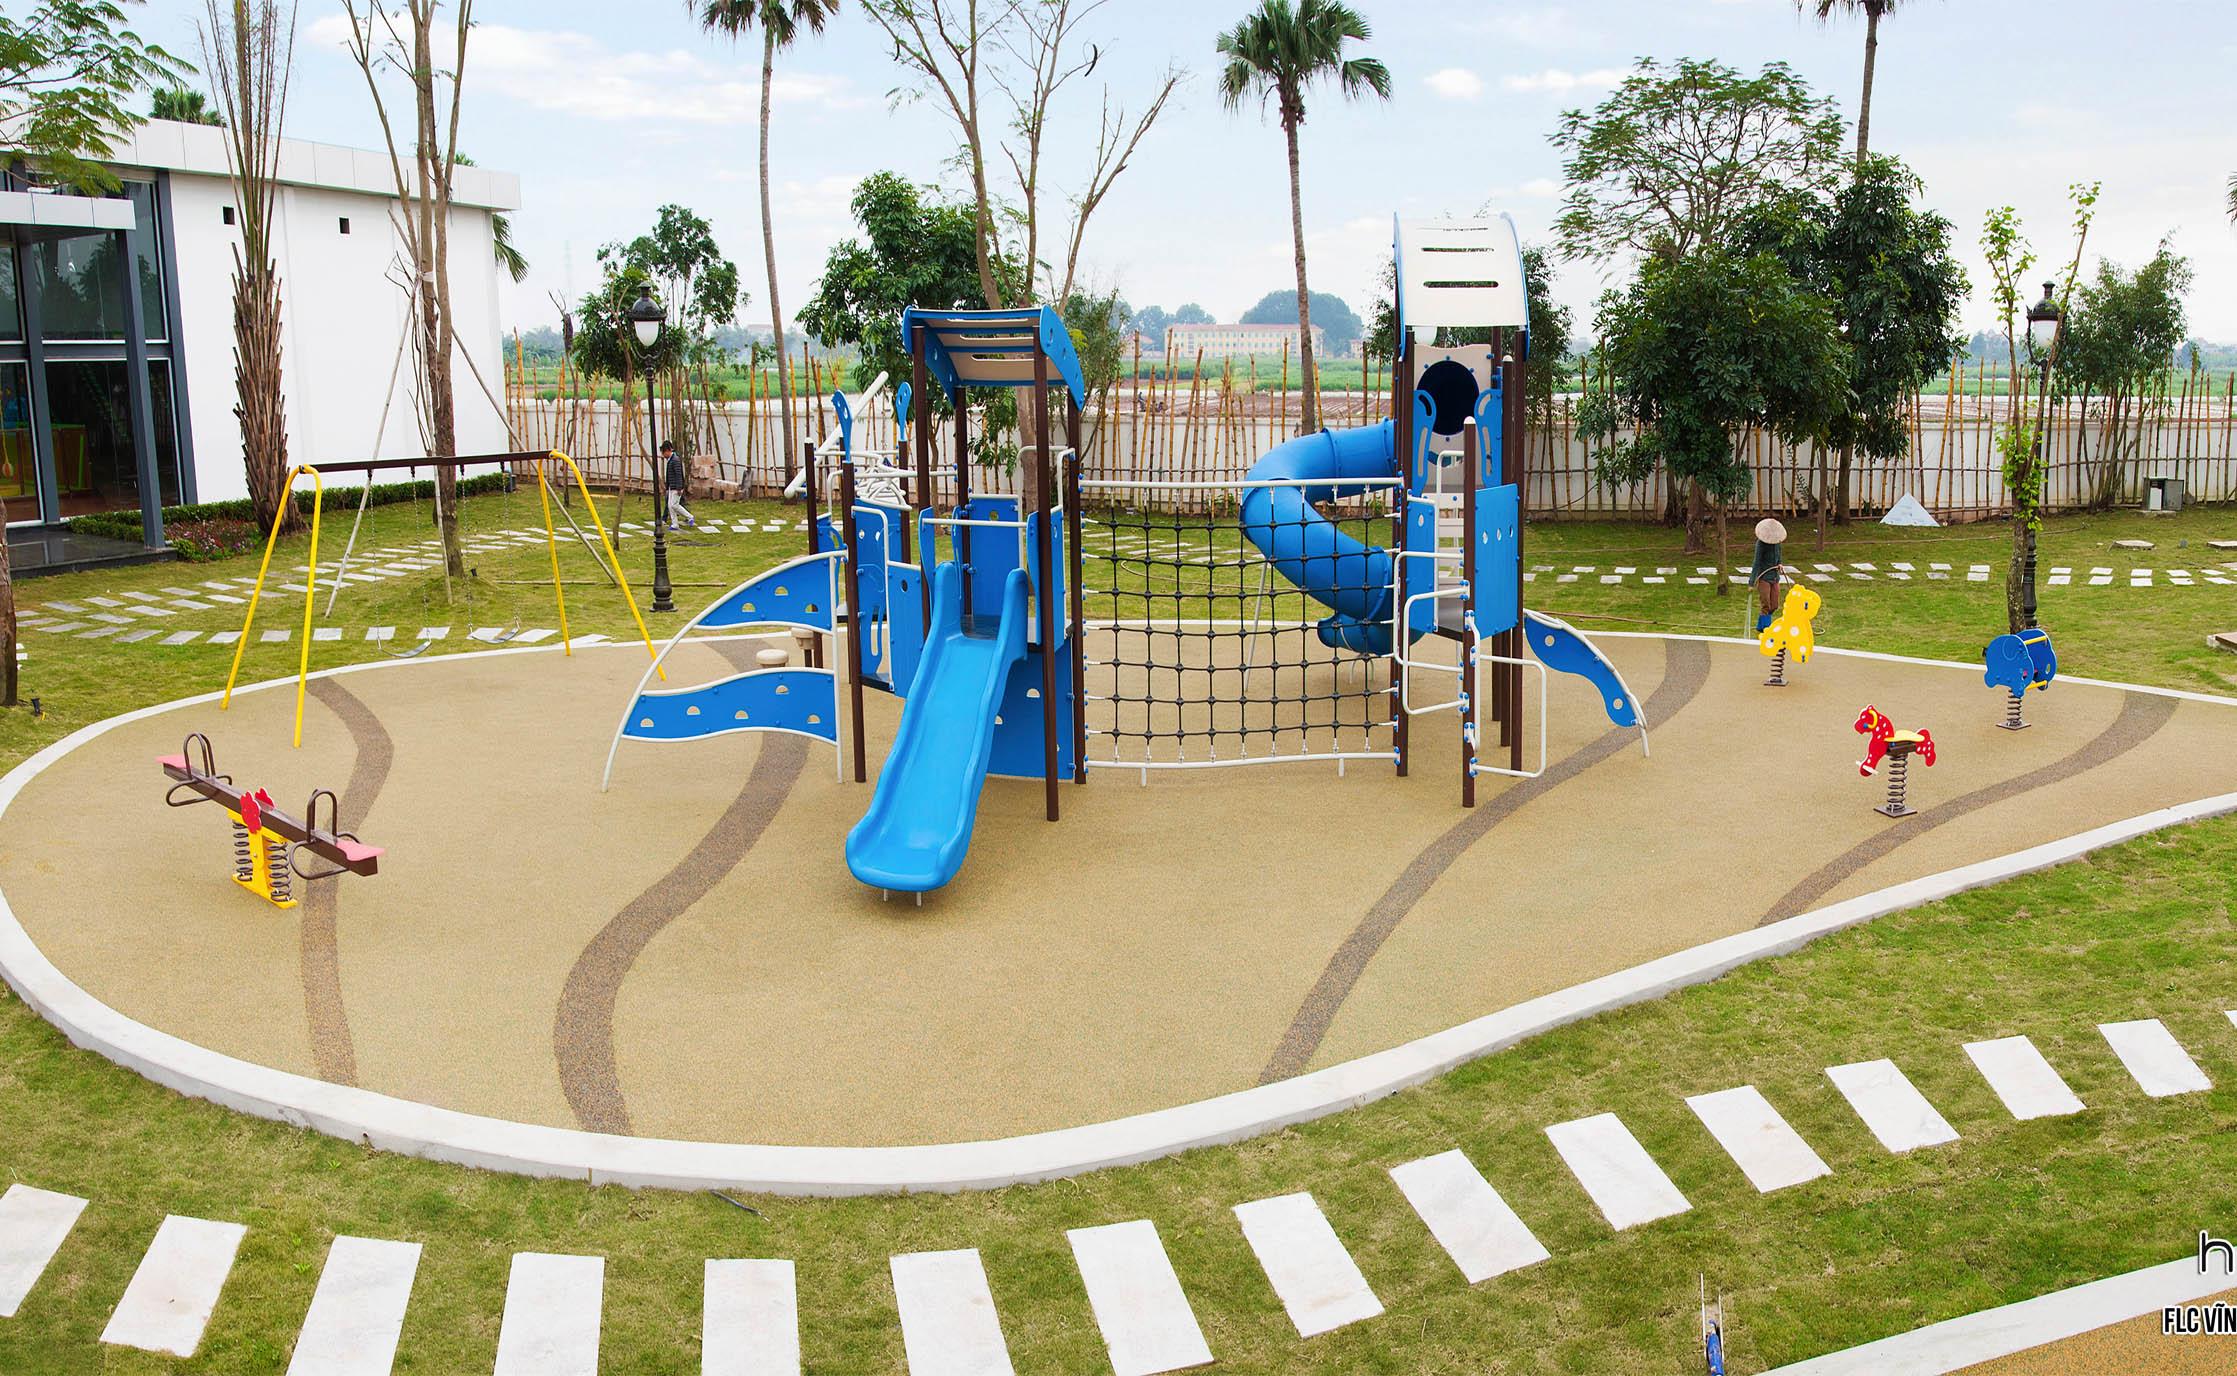 Thiết bị sân chơi ngoài trời bộ cầu trượt liên hoàn tại FLC Vĩnh Thịnh